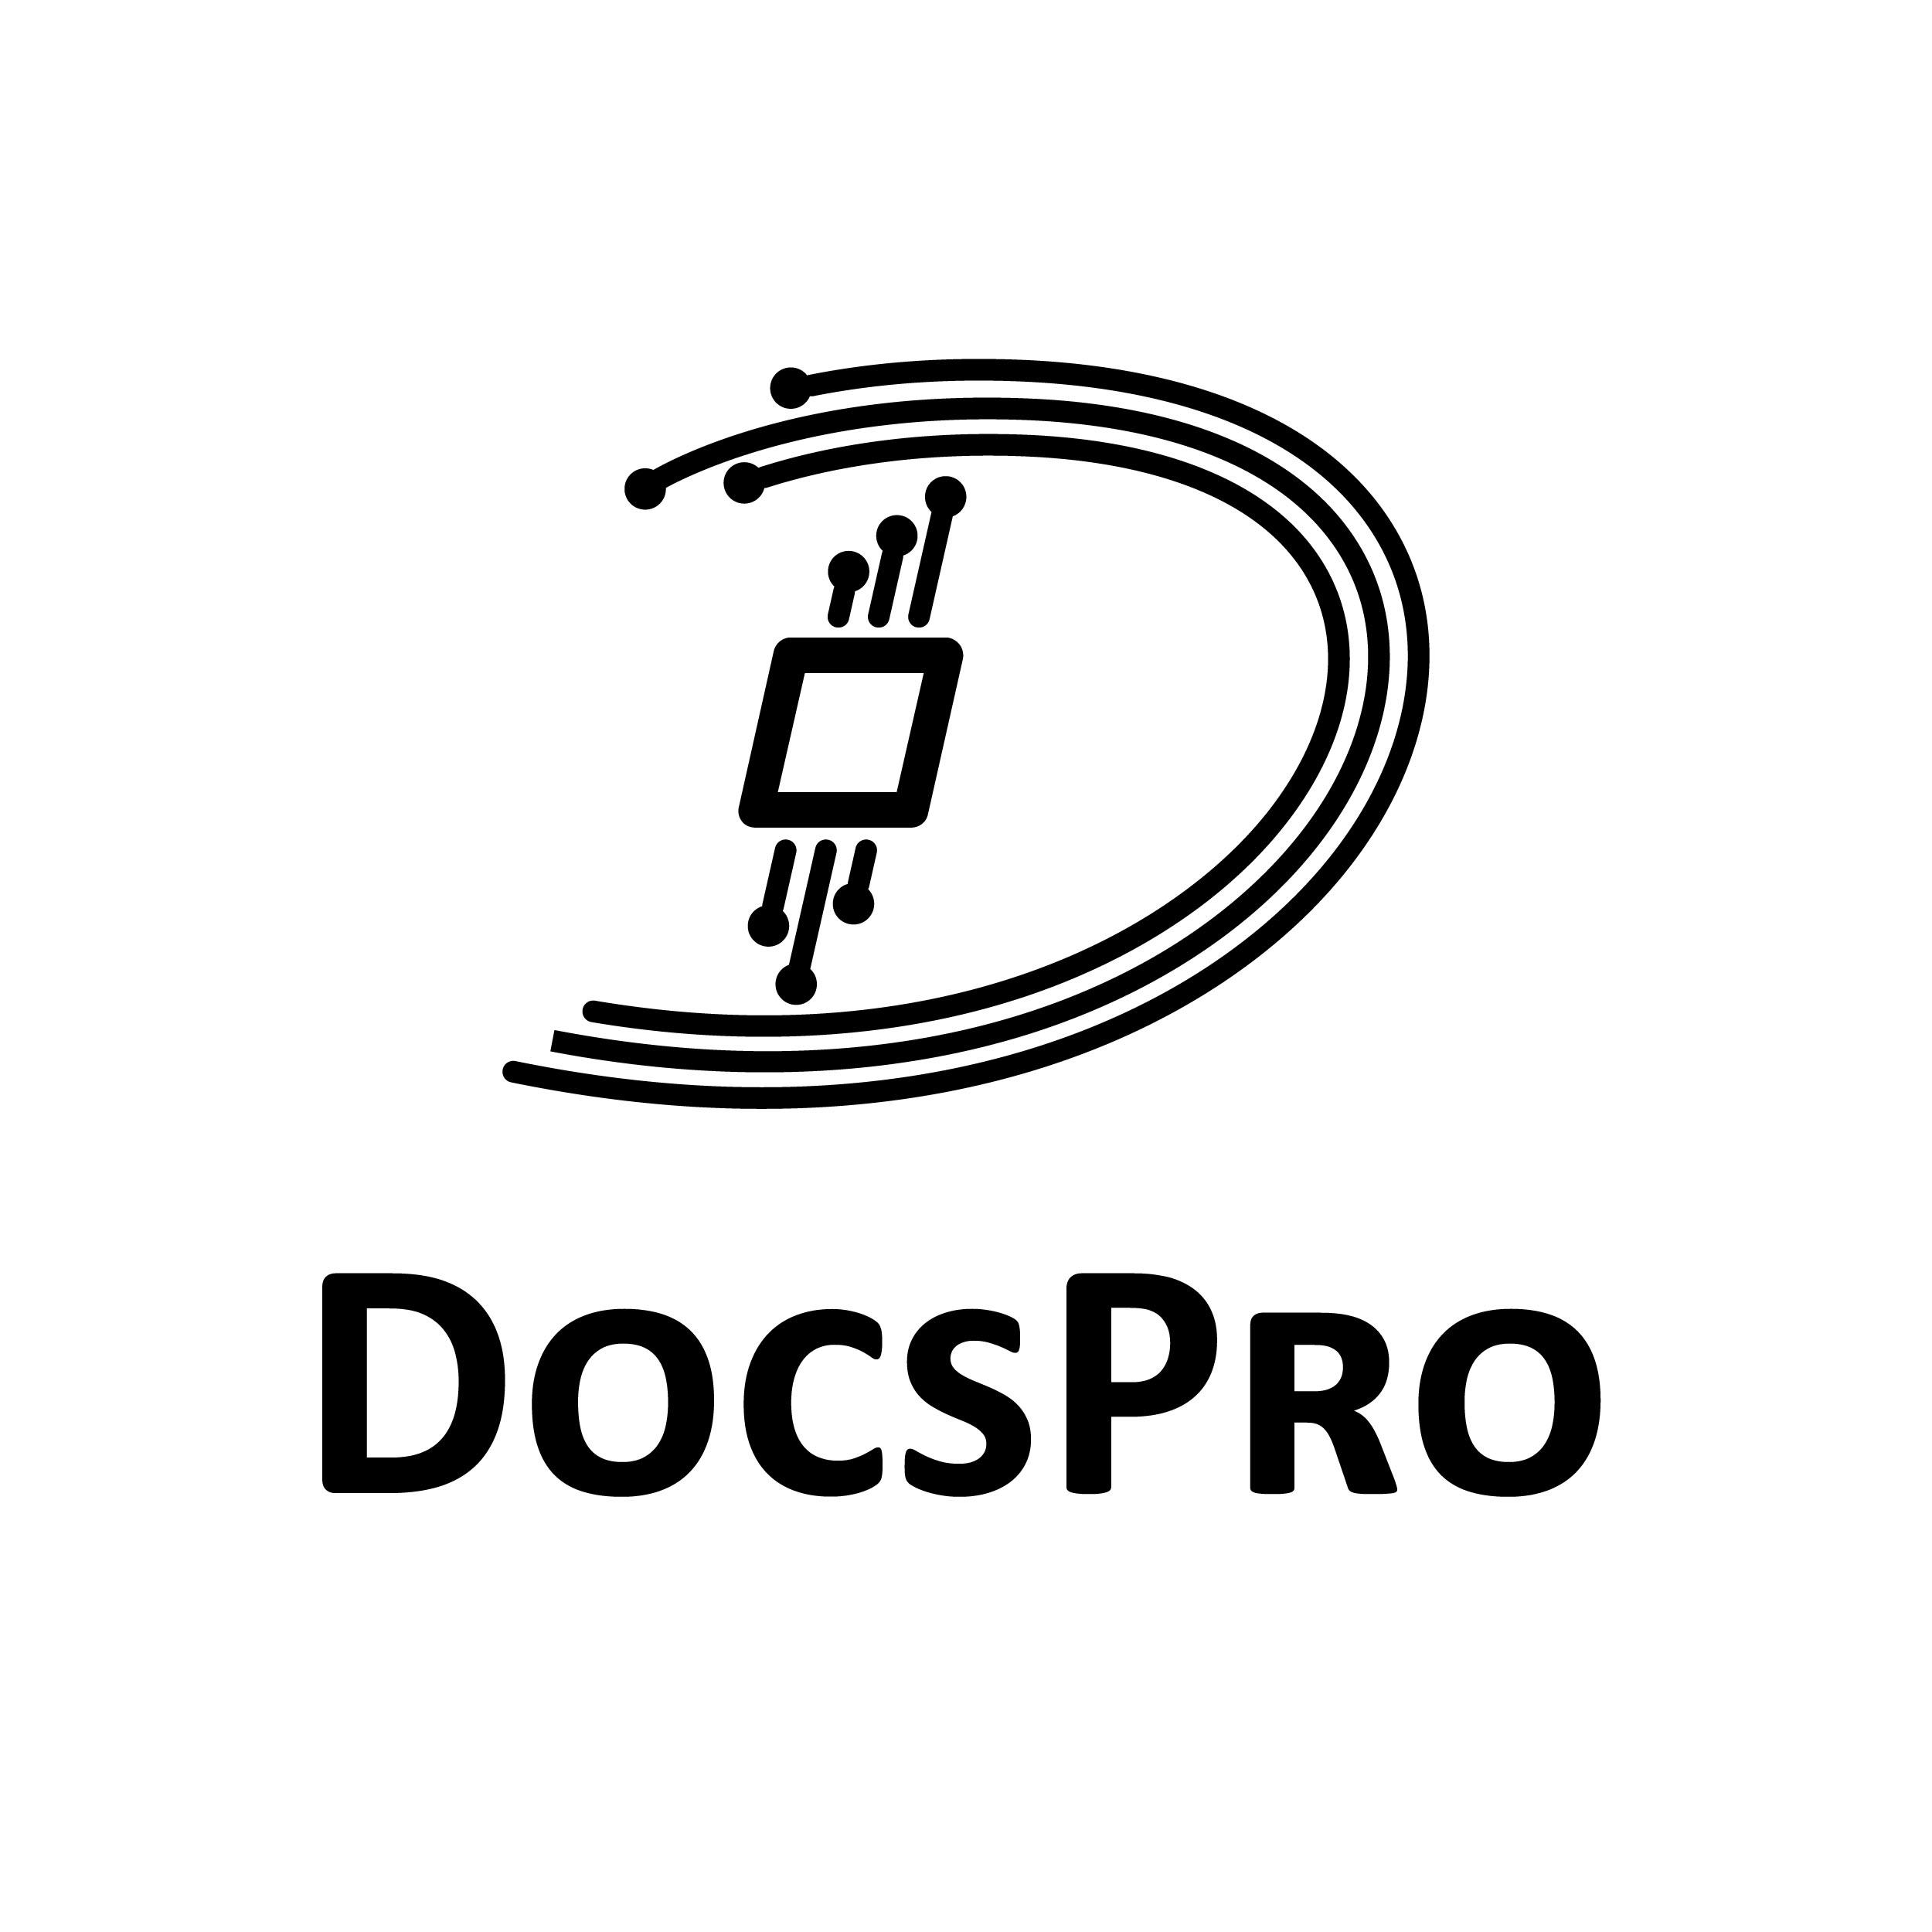 Разработка товарного знака/логотипа фото f_30359f9a49f5e4c7.jpg